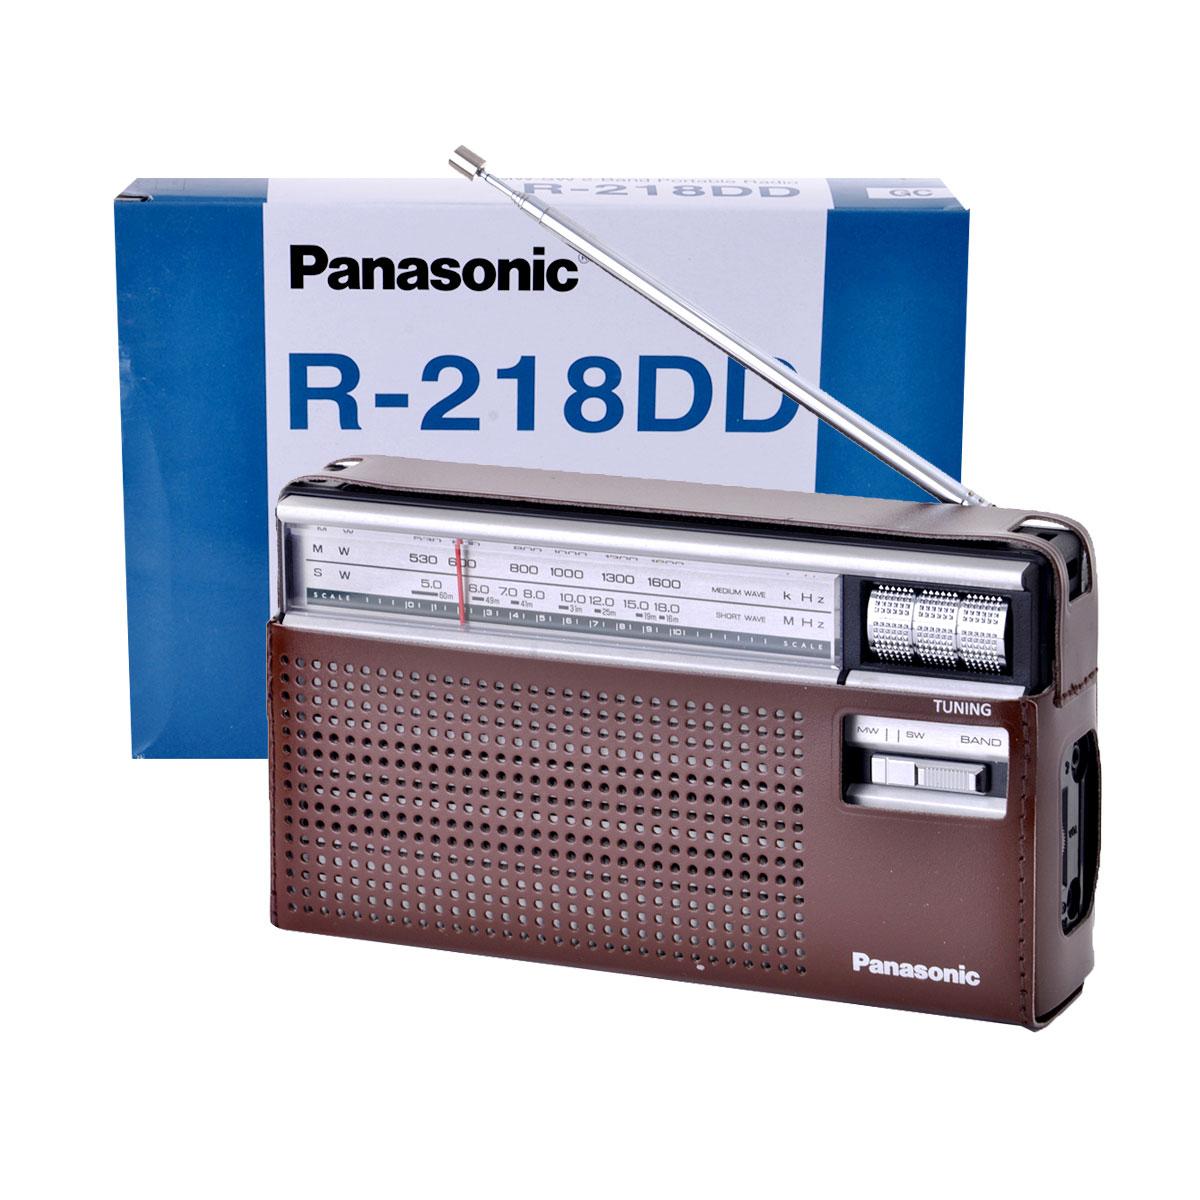 باناسونيك - راديو استقبال ثنائي النطاقات رقم  R-218DD